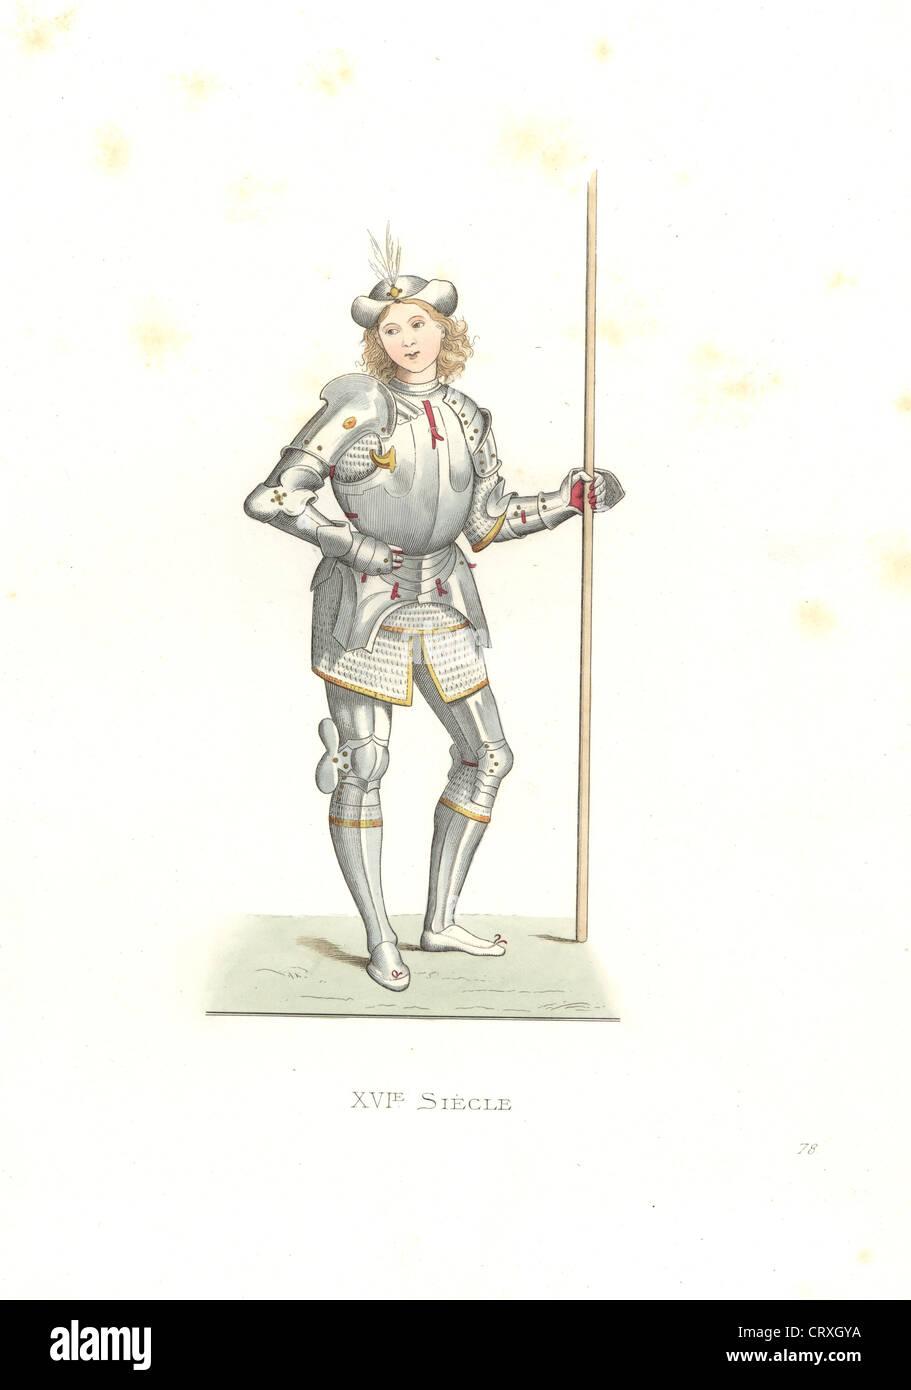 Italienischen Mann der Waffen, 16. Jahrhundert, nach einer Illustration von italienischen Künstler Bernardino di Benedetto il Pinturicchio. Stockfoto